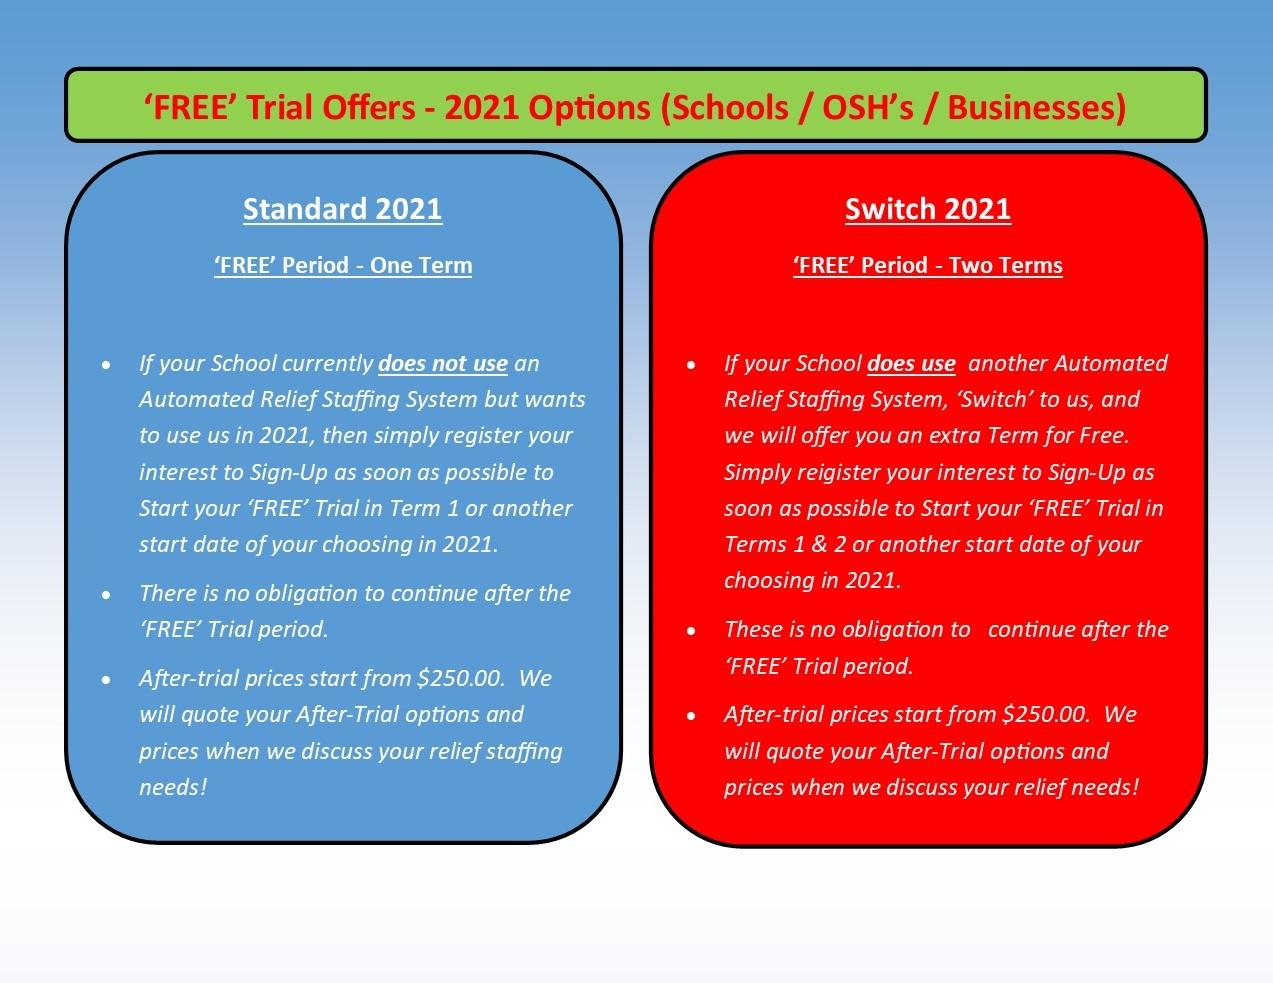 RSM - S 'General' Free Offer 201213